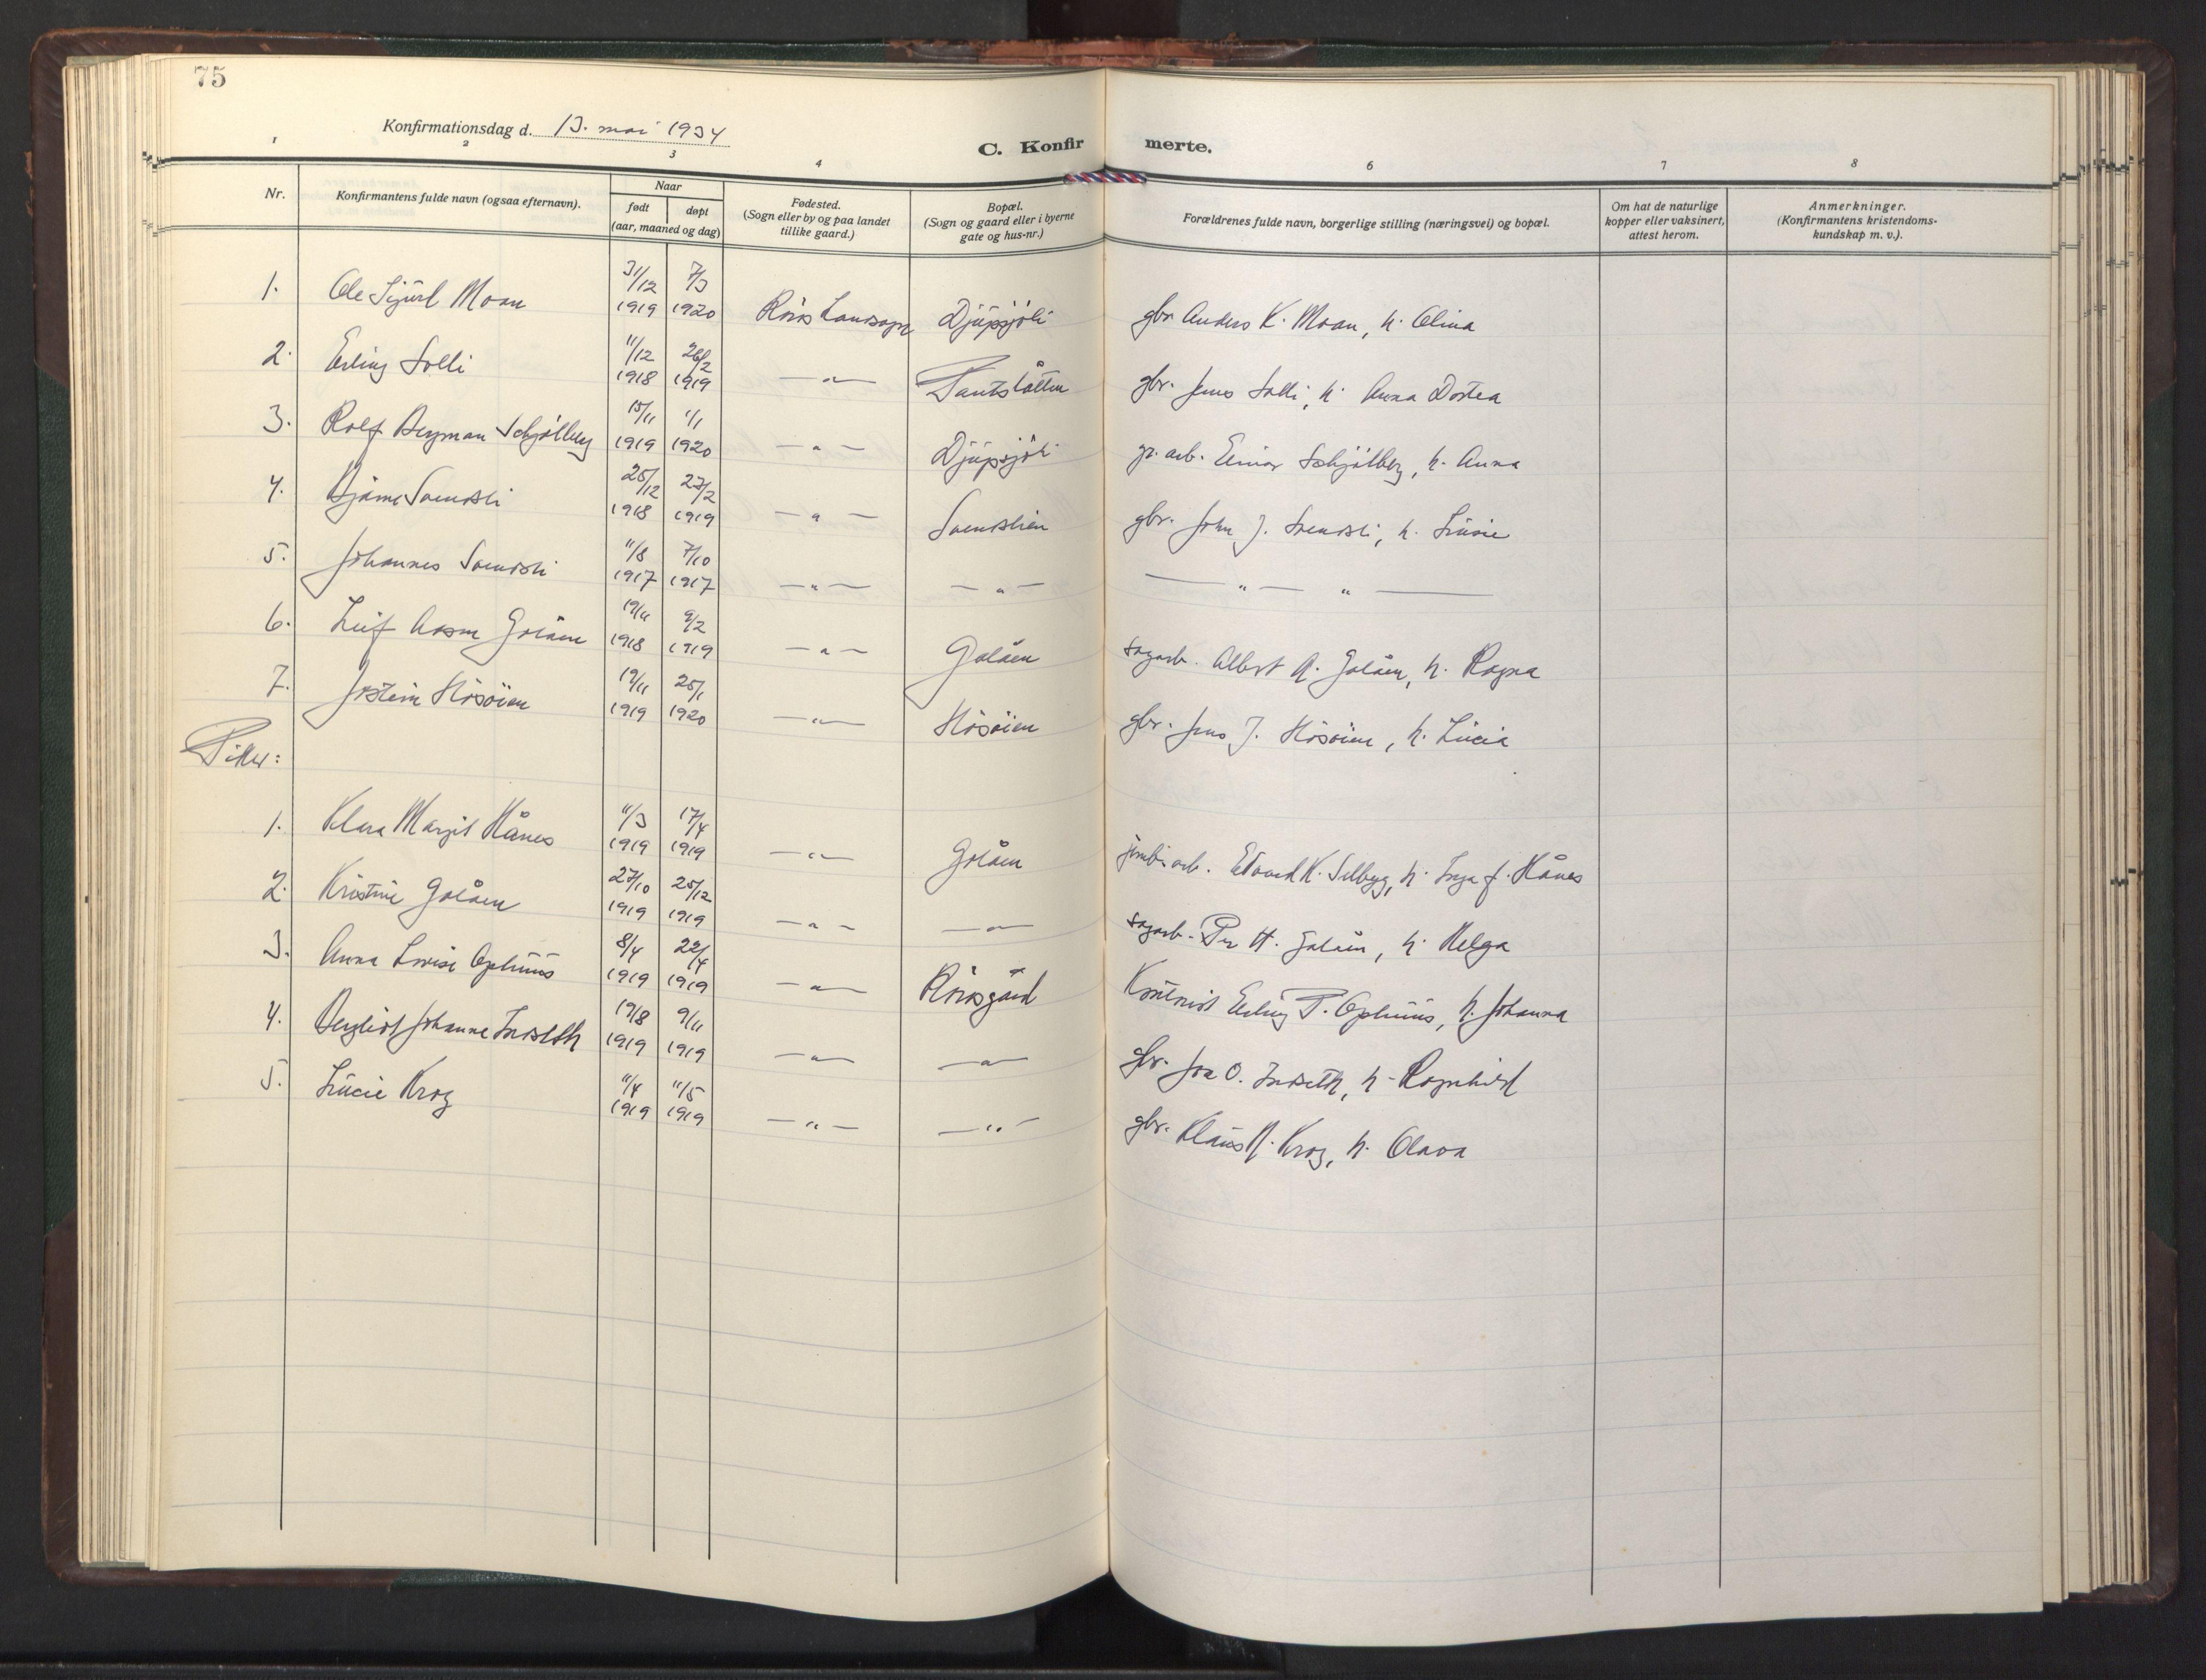 SAT, Ministerialprotokoller, klokkerbøker og fødselsregistre - Sør-Trøndelag, 681/L0944: Klokkerbok nr. 681C08, 1926-1954, s. 75